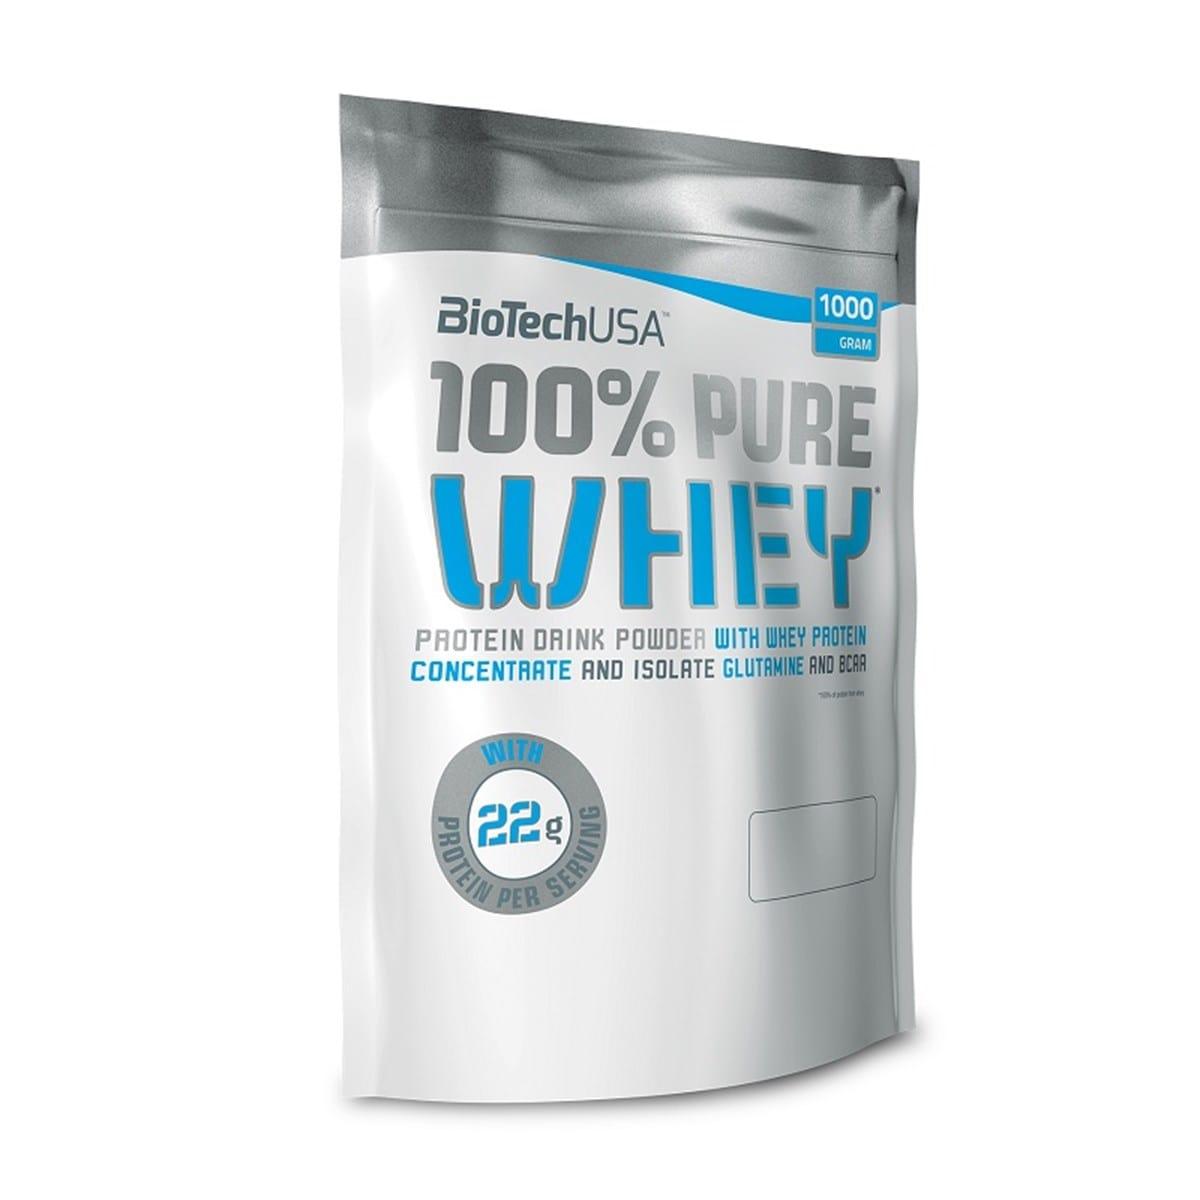 100% Pure Whey, Strawberry - 1000g versandkostenfrei/portofrei bestellen/kaufen